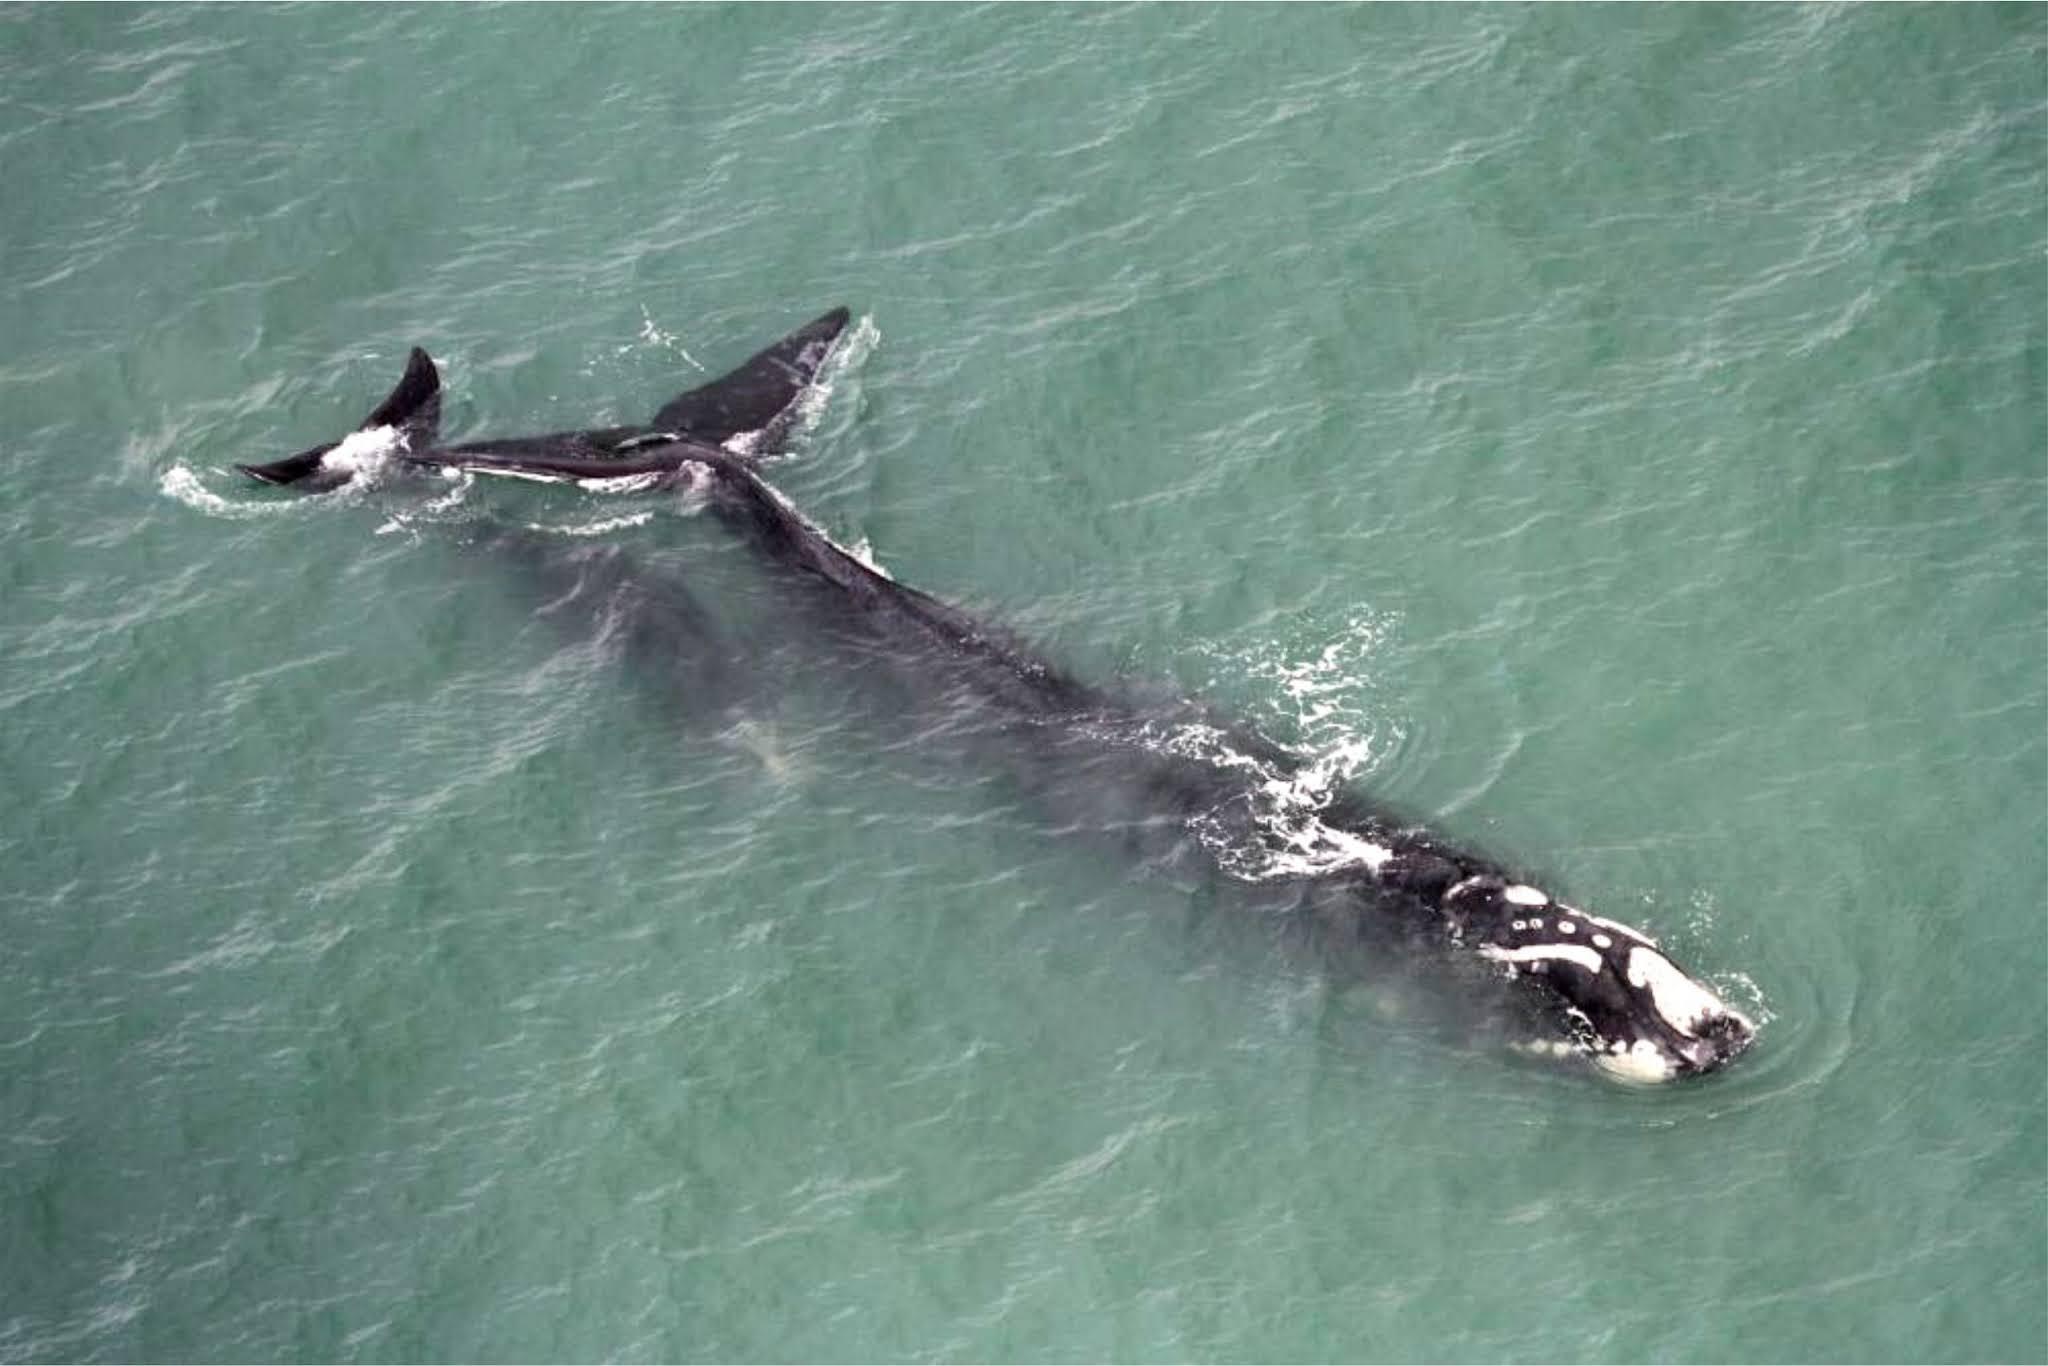 Monitoramento aéreo avista 114 baleias-francas entre Florianópolis e Torres